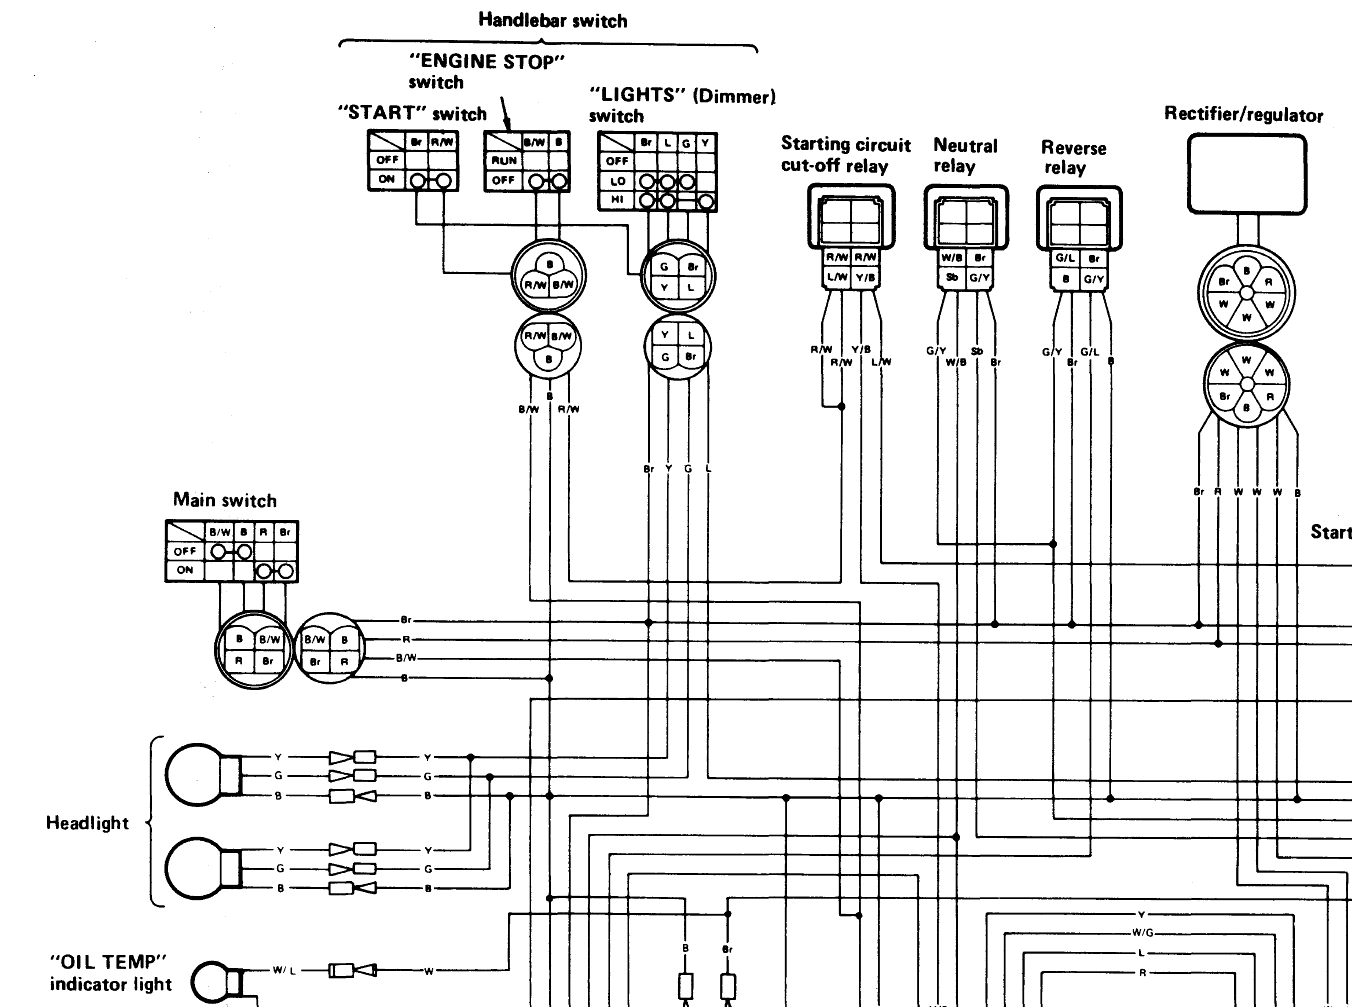 sample21?resize\\\\\\=665%2C495\\\\\\&ssl\\\\\\=1 100 [ 4 x 4 kodiak yamaha 400 manual ] yamaha atv parts 2004 Old Yamaha Big Bear at mifinder.co